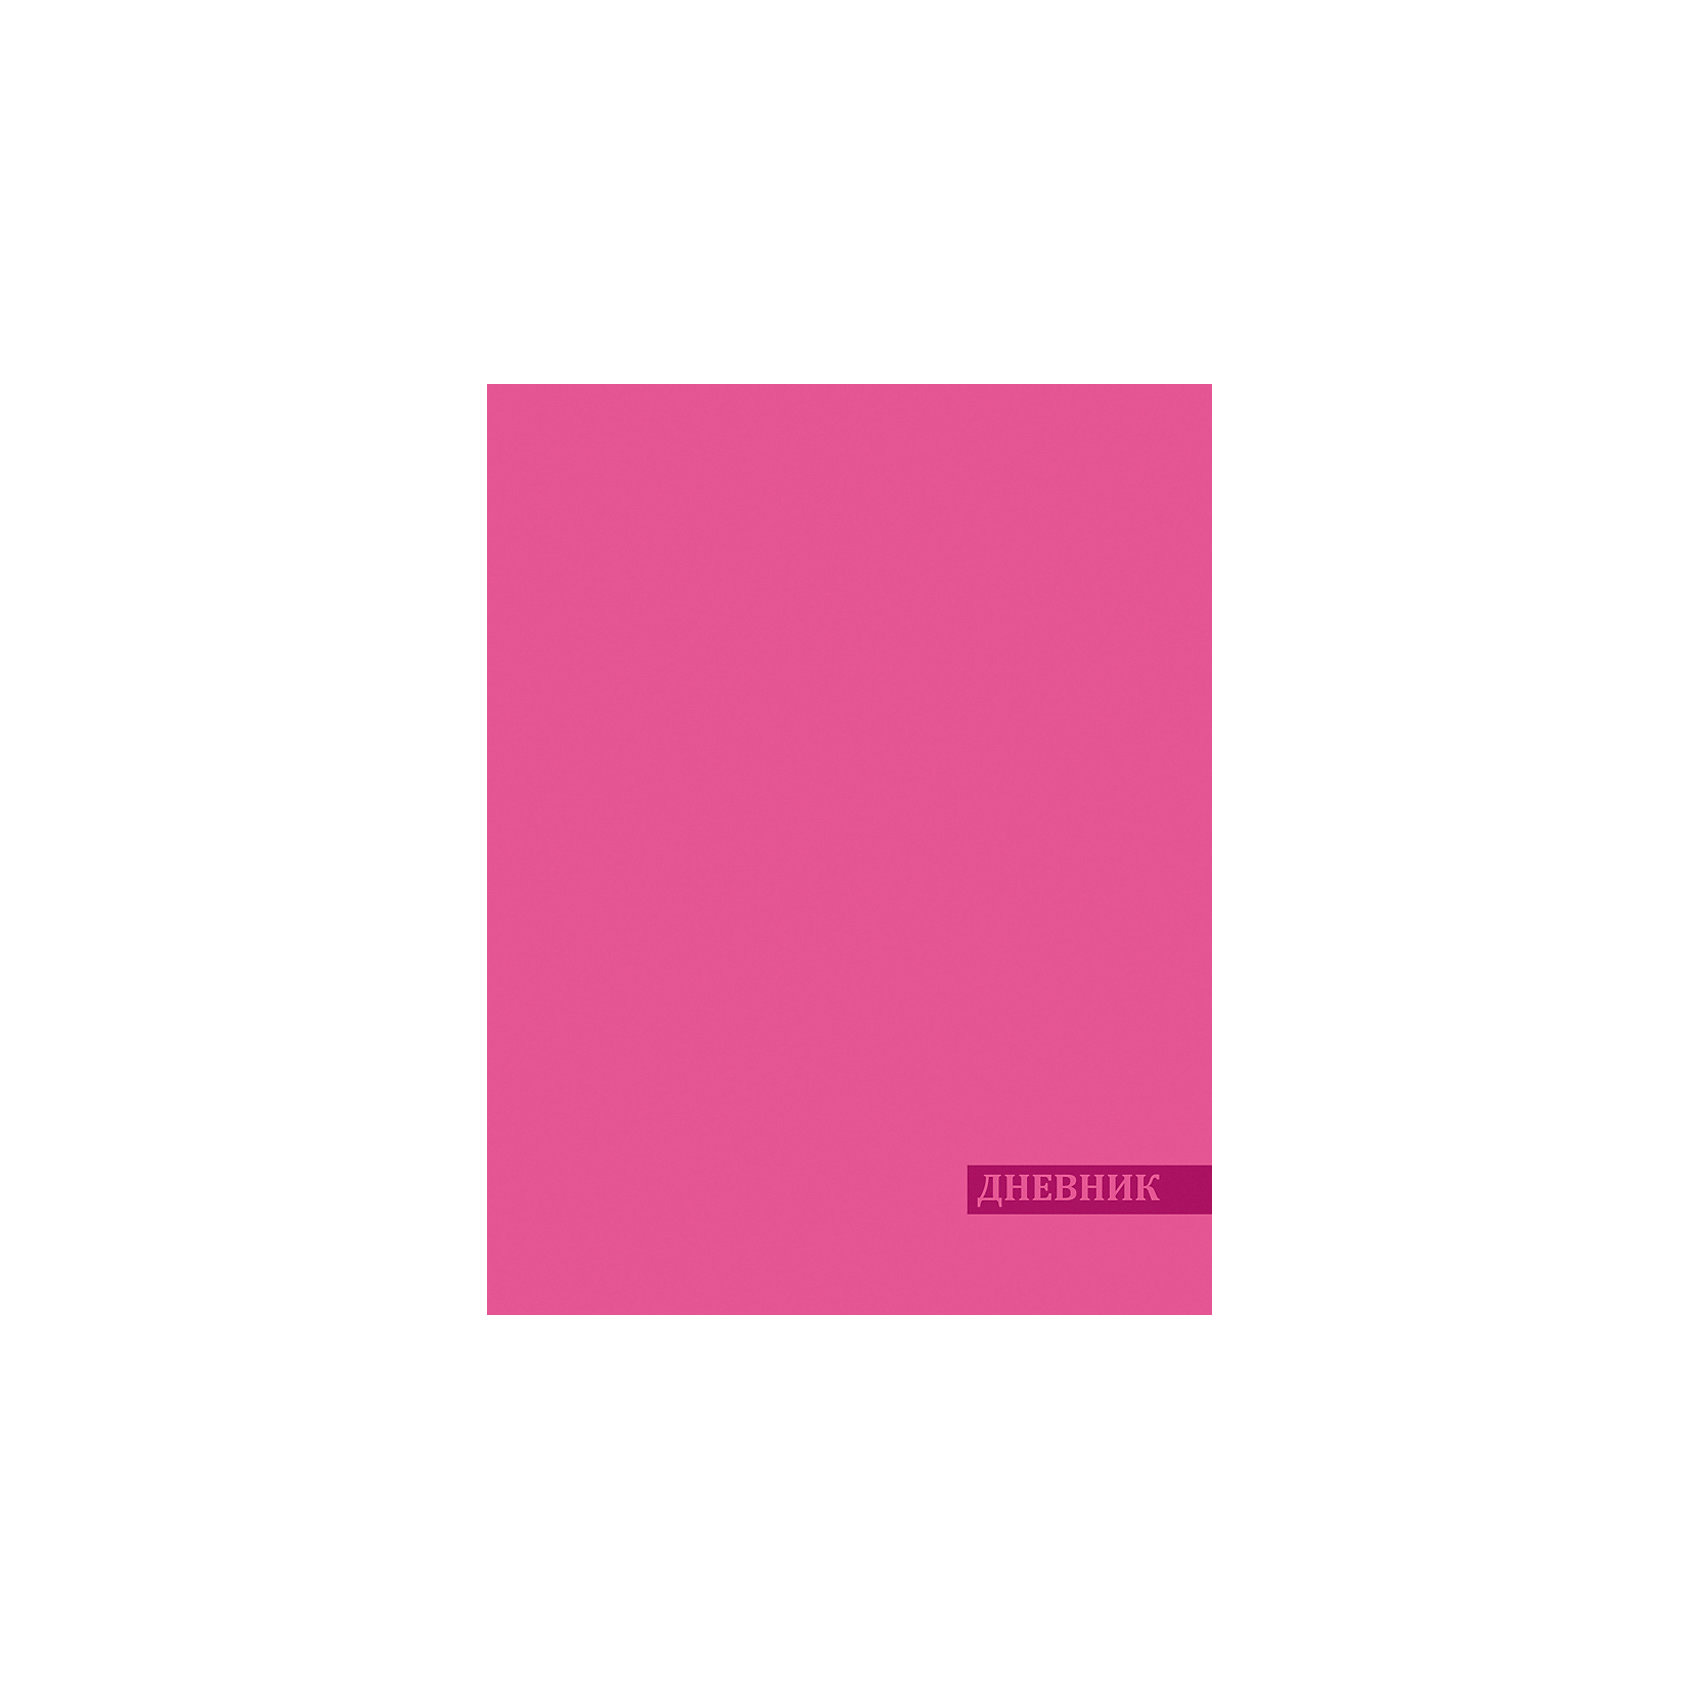 Дневник. Универсальный блок, твердая обложка, итальянские переплетные материалы, тиснение, розовыйБумажная продукция<br>Характеристики товара:<br><br>• возраст: от 6 лет;<br>• цвет: розовый;<br>• формат: А5;<br>• количество листов: 96;<br>• разметка: в линейку;<br>• бумага: офсетная;<br>• переплет: твердый;<br>• обложка: картон;<br>• размер: 21,5х17х0,5 см.;<br>• вес: 200 гр.;<br>• страна бренда: Россия;<br>• страна изготовитель: Россия.<br><br>Дневник, универсальный блок, твердая обложка «Розовый» - школьный дневник 1-11 классы, имеет сшитый внутренний блок, состоящий из 96 листов белой бумаги (плотность 70г/кв.м.) с линовкой синего цвета и тиснением из фольги. Прочная и приятная на ощупь обложка выполнена с использованием итальянских переплетных материалов.<br><br>В дневнике содержится дневника вся необходимая справочная информация, которая поможет организовать учебный процесс.<br><br>Дневник - это первый ежедневник вашего ребенка. Он поможет ему не забыть свои задания, а вы всегда сможете проконтролировать его успеваемость.<br><br>Дневник, универсальный блок, твердая обложка «Розовый», 96 листов, можно купить в нашем интернет-магазине.<br><br>Ширина мм: 215<br>Глубина мм: 170<br>Высота мм: 5<br>Вес г: 208<br>Возраст от месяцев: 36<br>Возраст до месяцев: 216<br>Пол: Унисекс<br>Возраст: Детский<br>SKU: 6992550